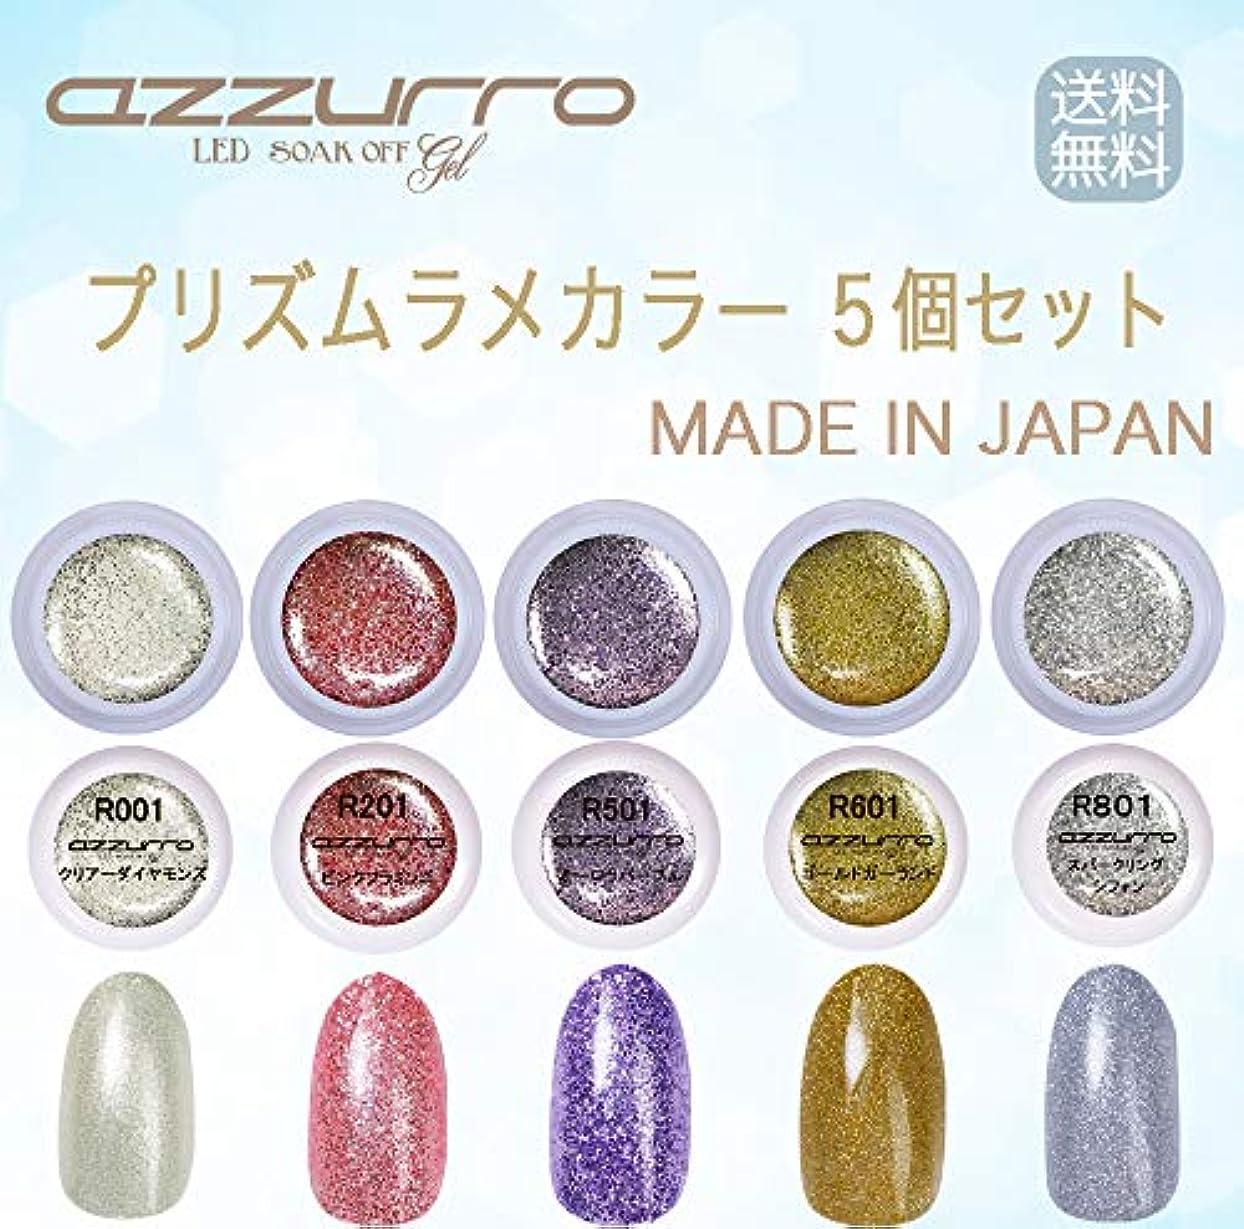 習慣センブランス必要ない【送料無料】日本製 azzurro gel プリズムラメカラージェル5個セット キラキラネイルにぴったりなカラー